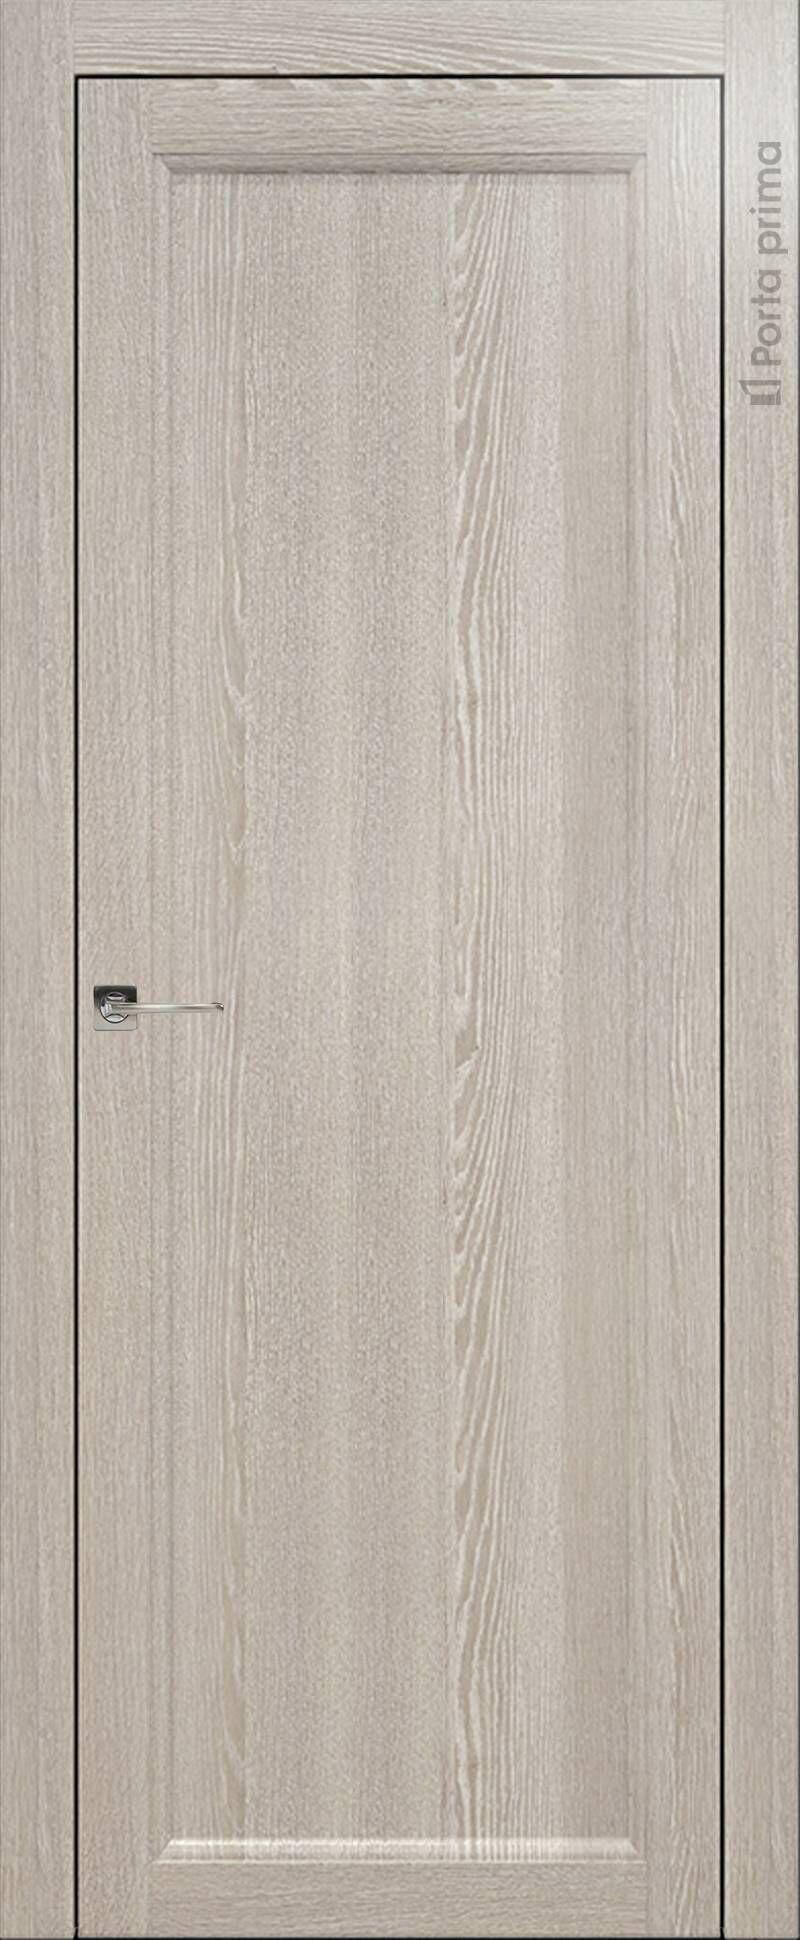 Sorrento-R А4 цвет - Серый дуб Без стекла (ДГ)